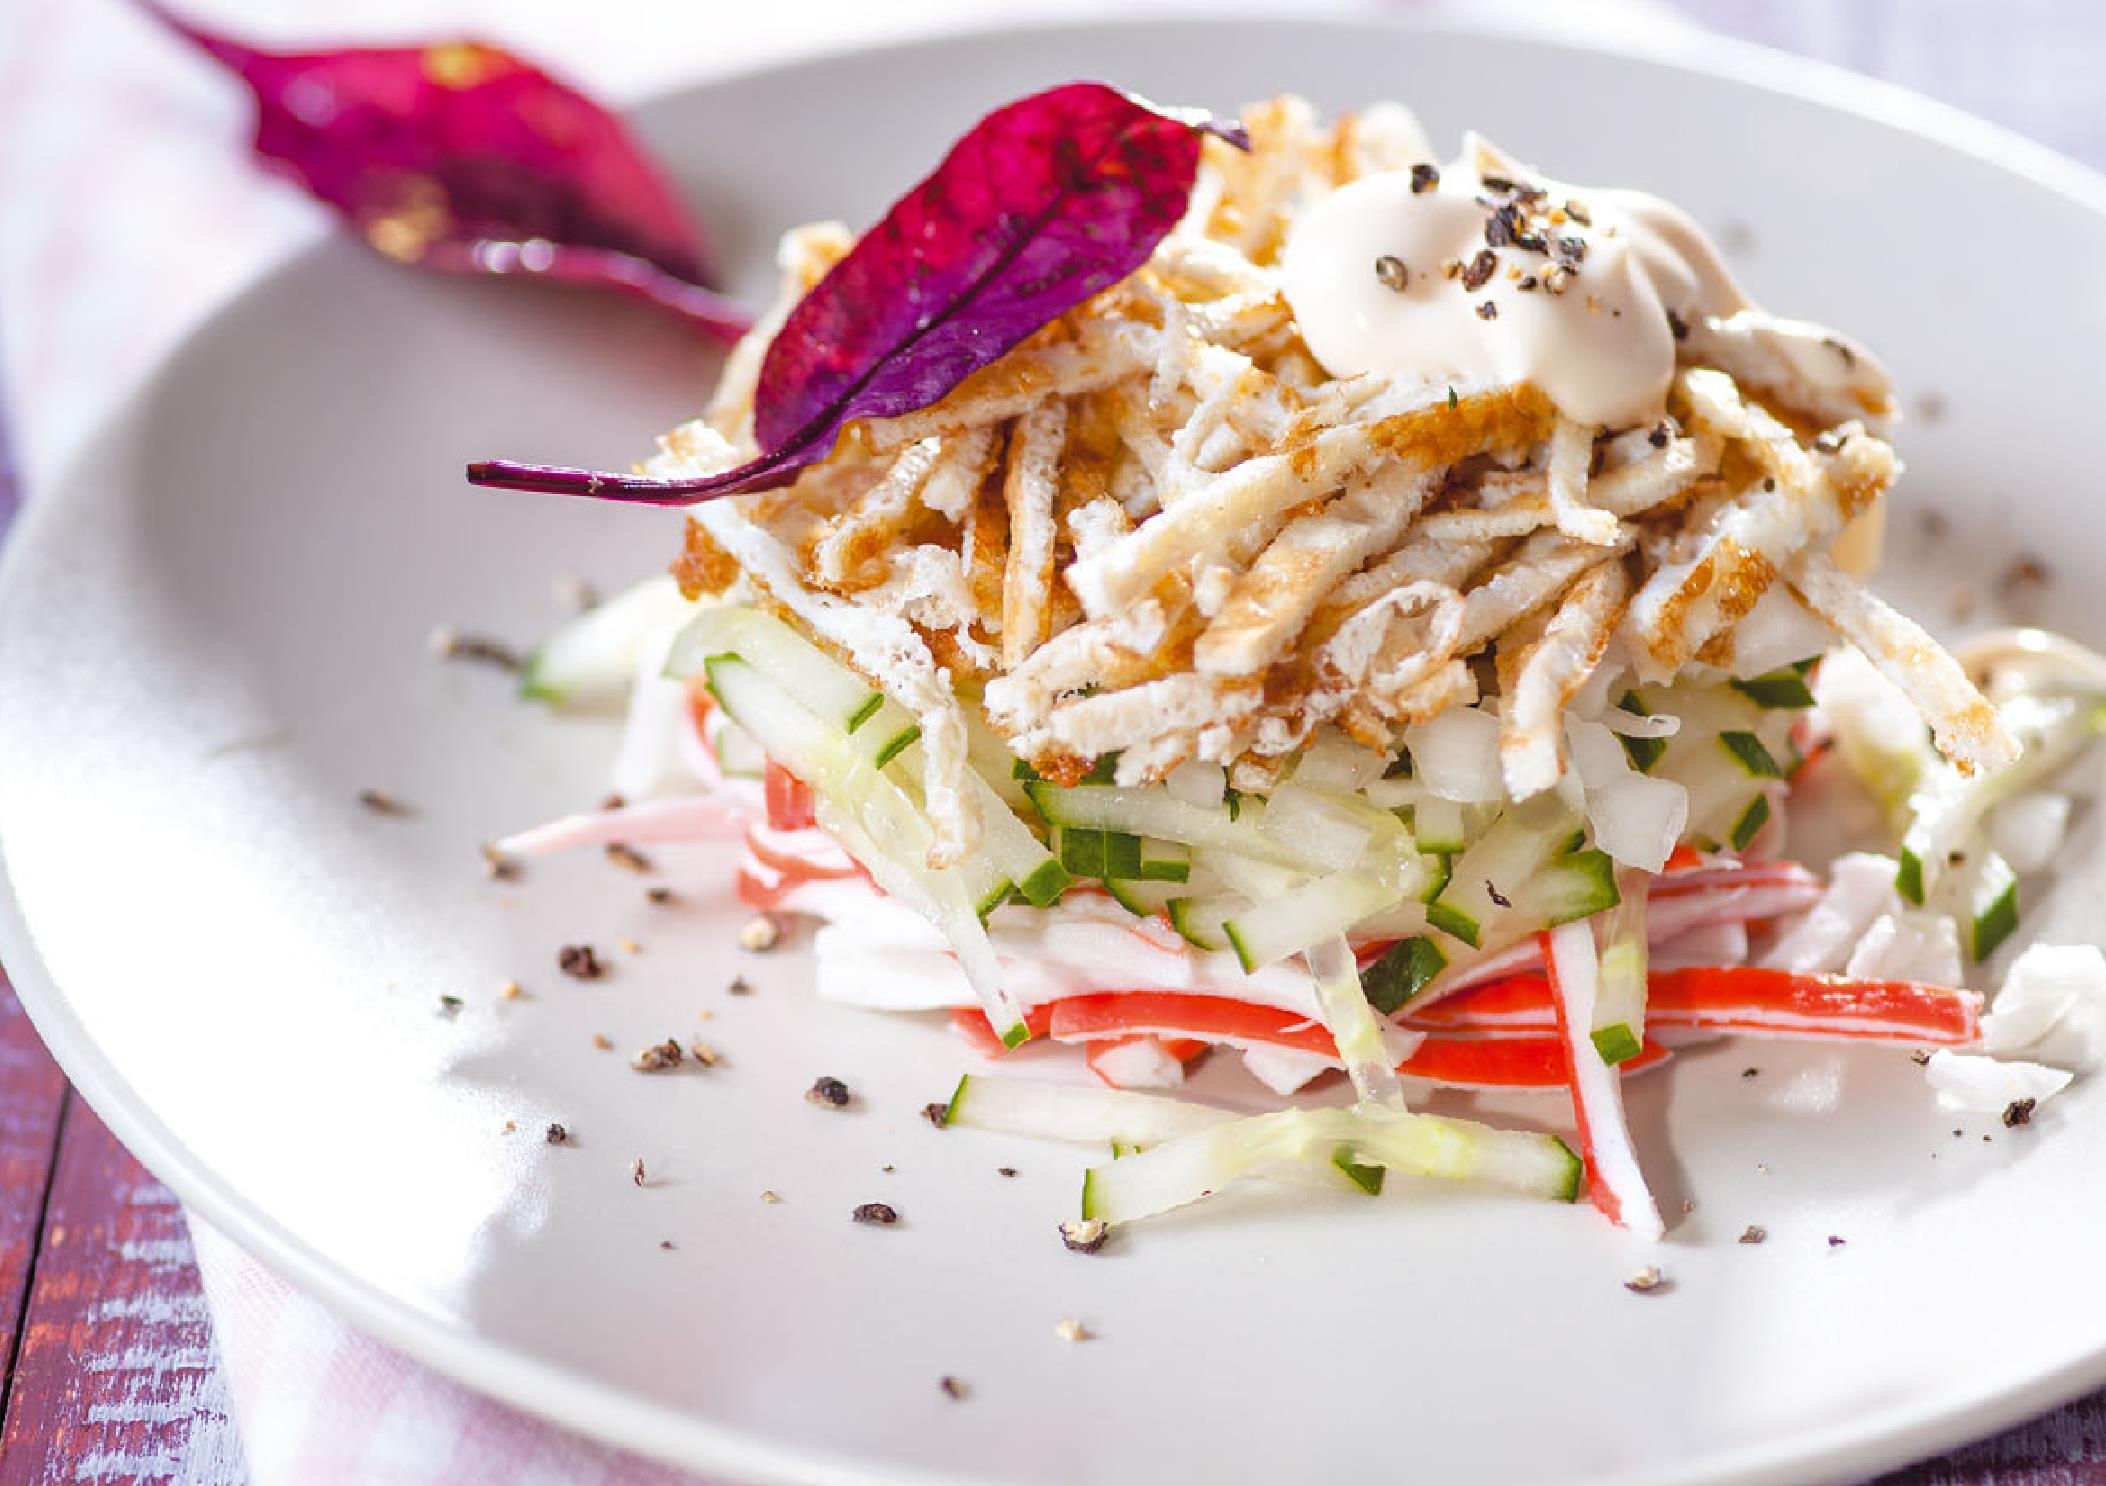 Салат с крабовыми палочками и вяленым мясом